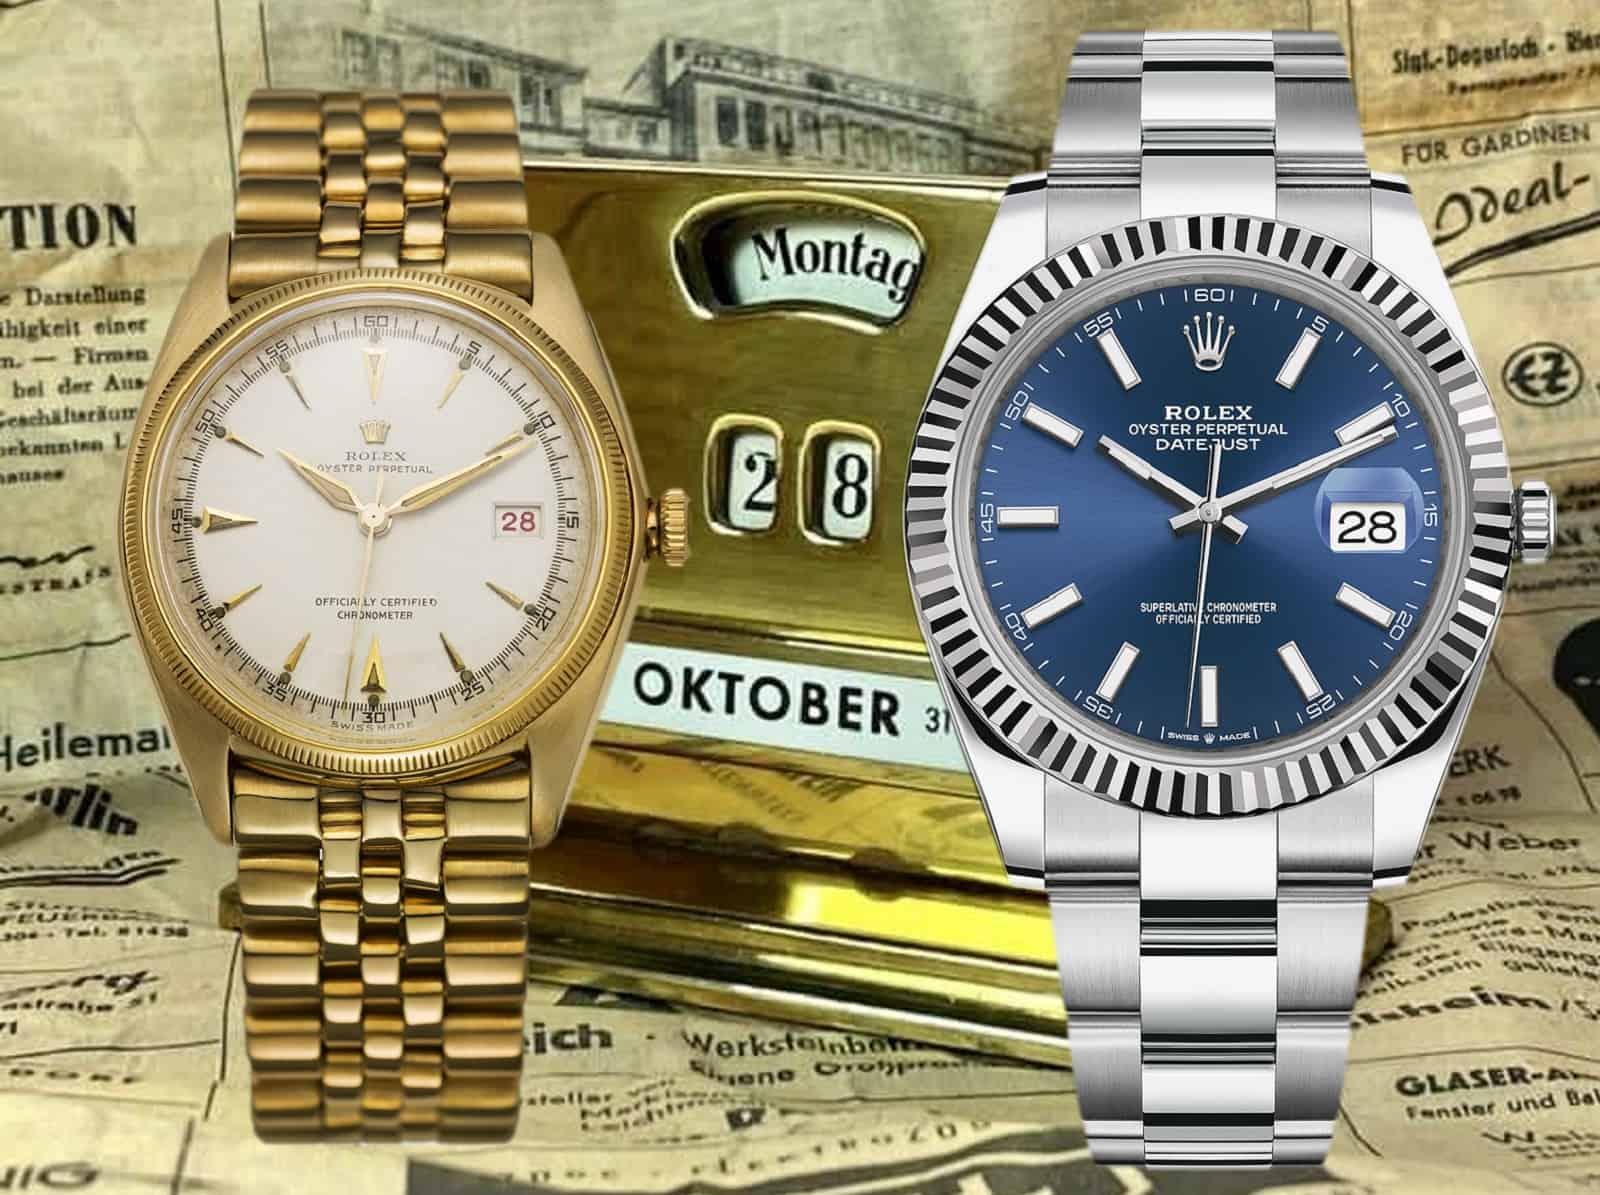 Rolex Oyster Perpetual Datejust Ref. 4467 von 1945 und Rolex Datejust von 2021 mit Tischkalender